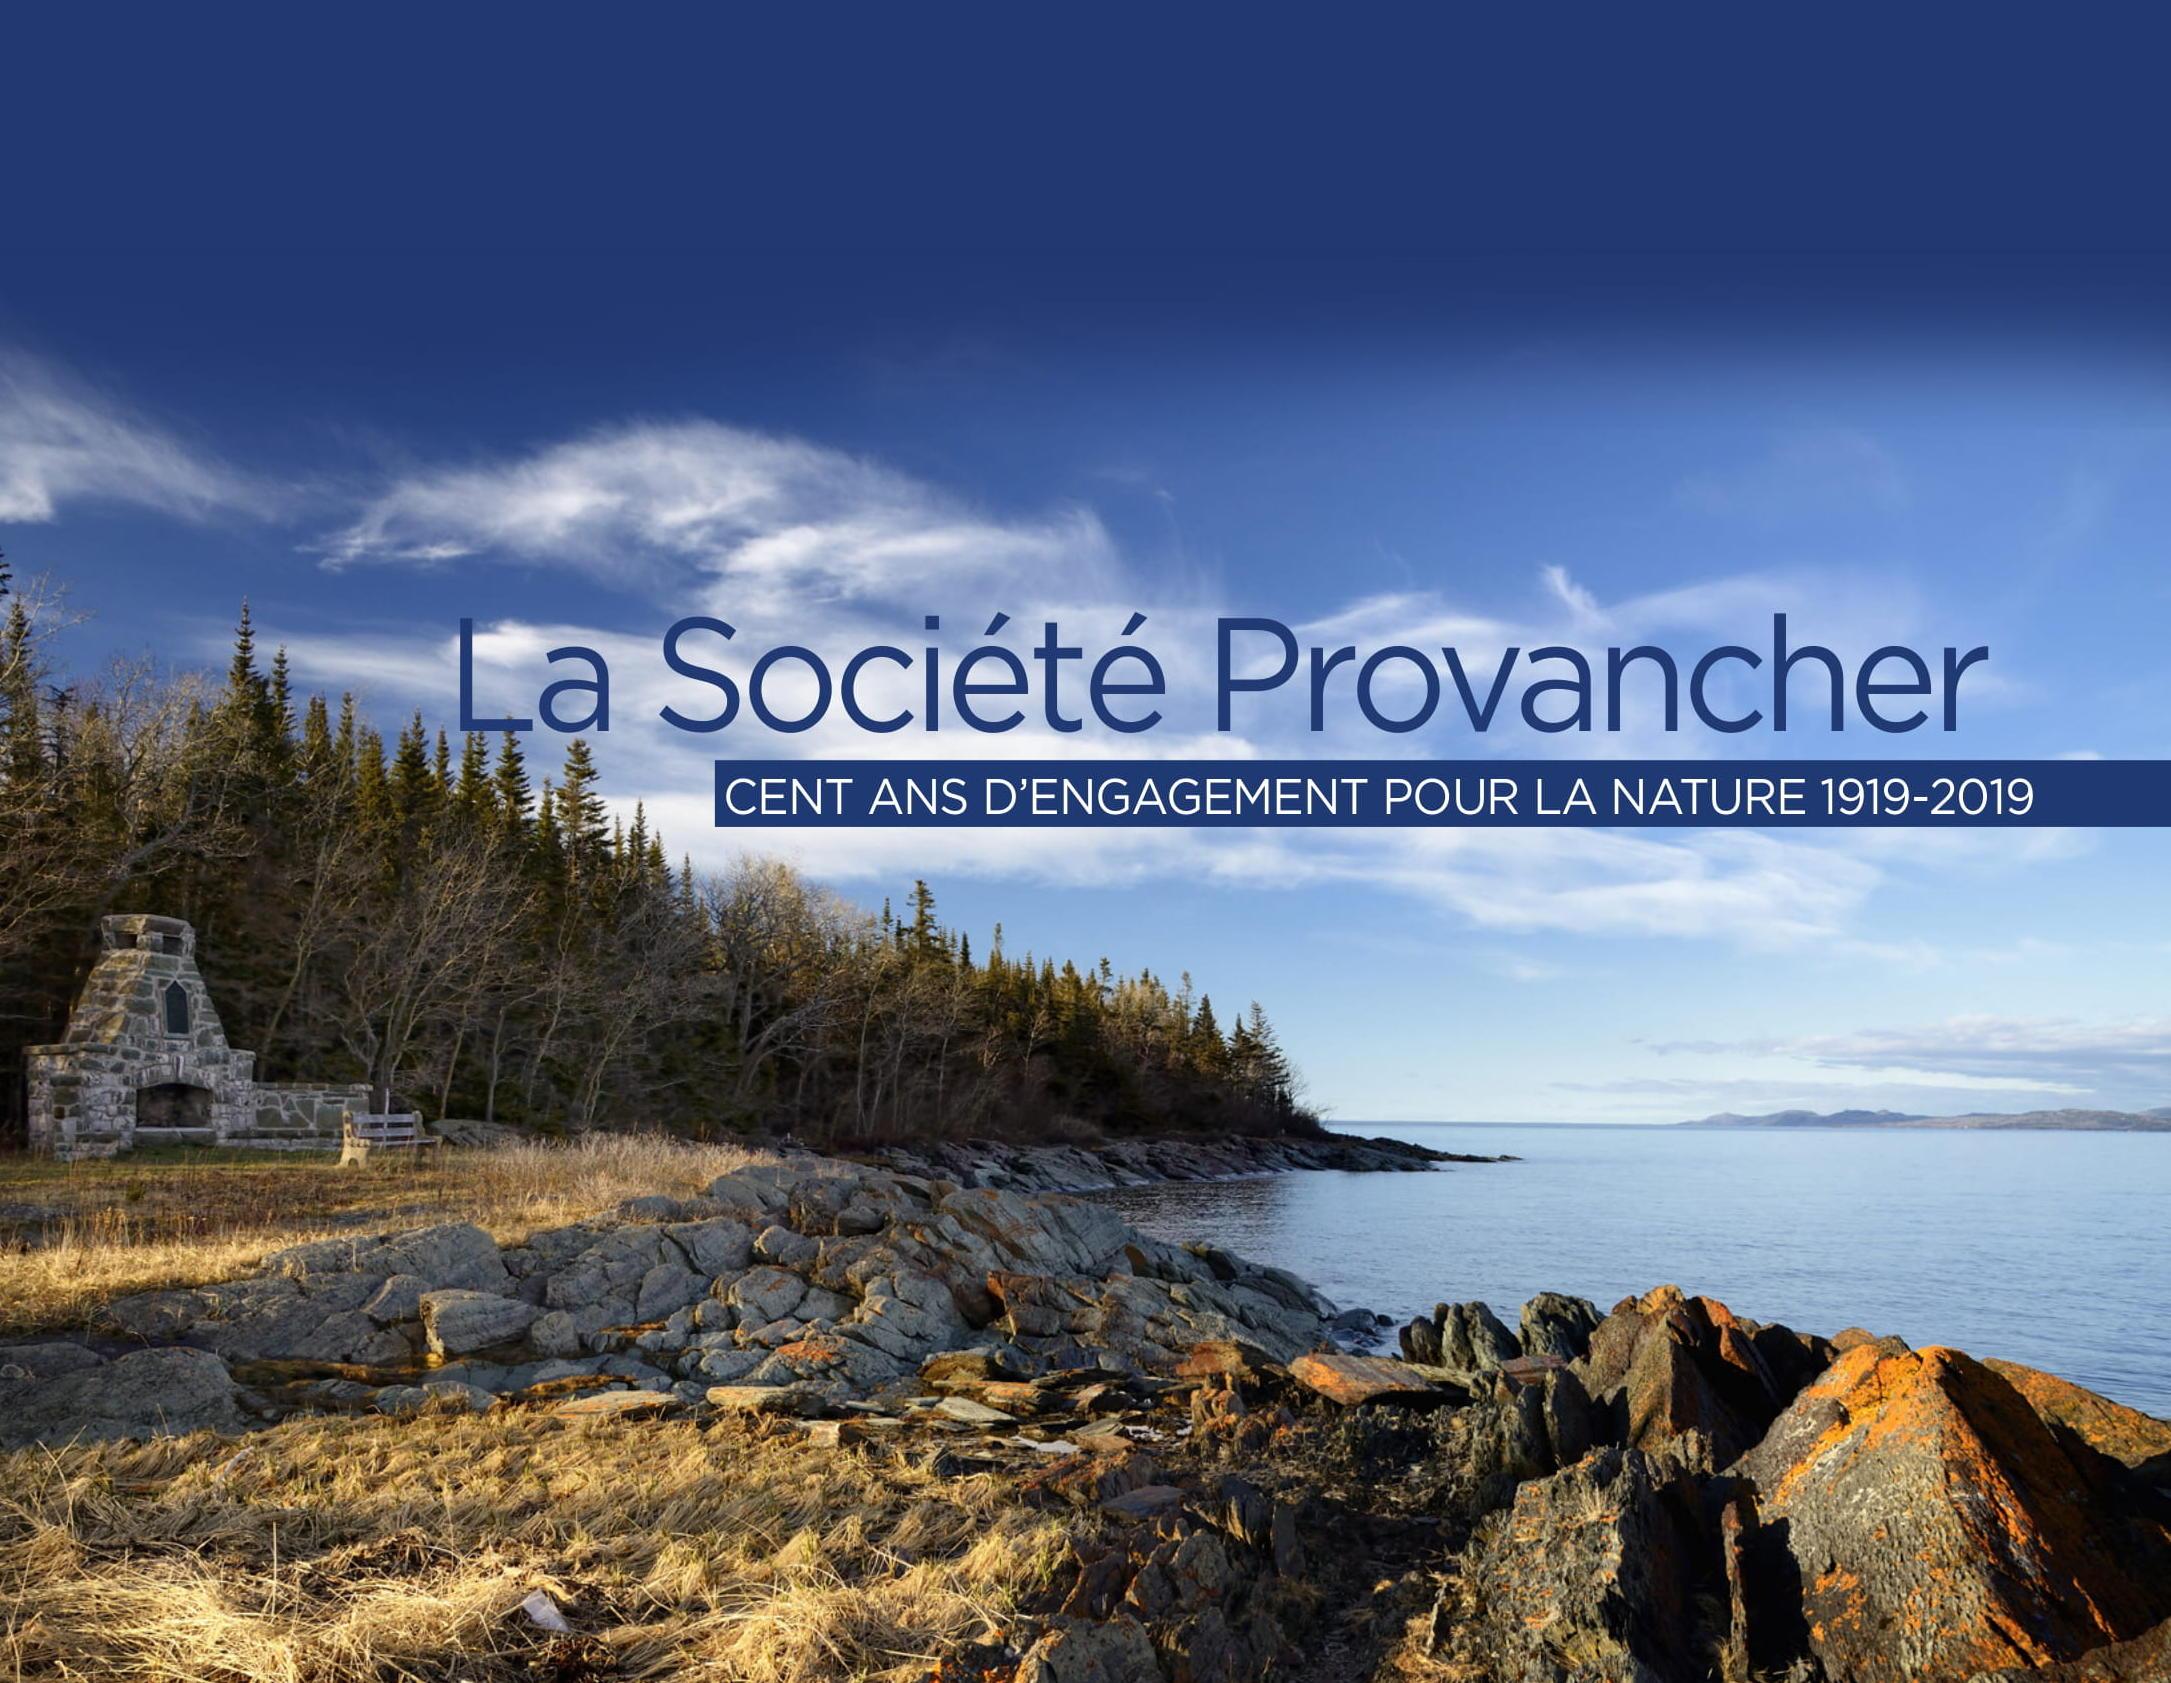 Page couverture du l'album-souvenir du centenaire de la Société Provancher